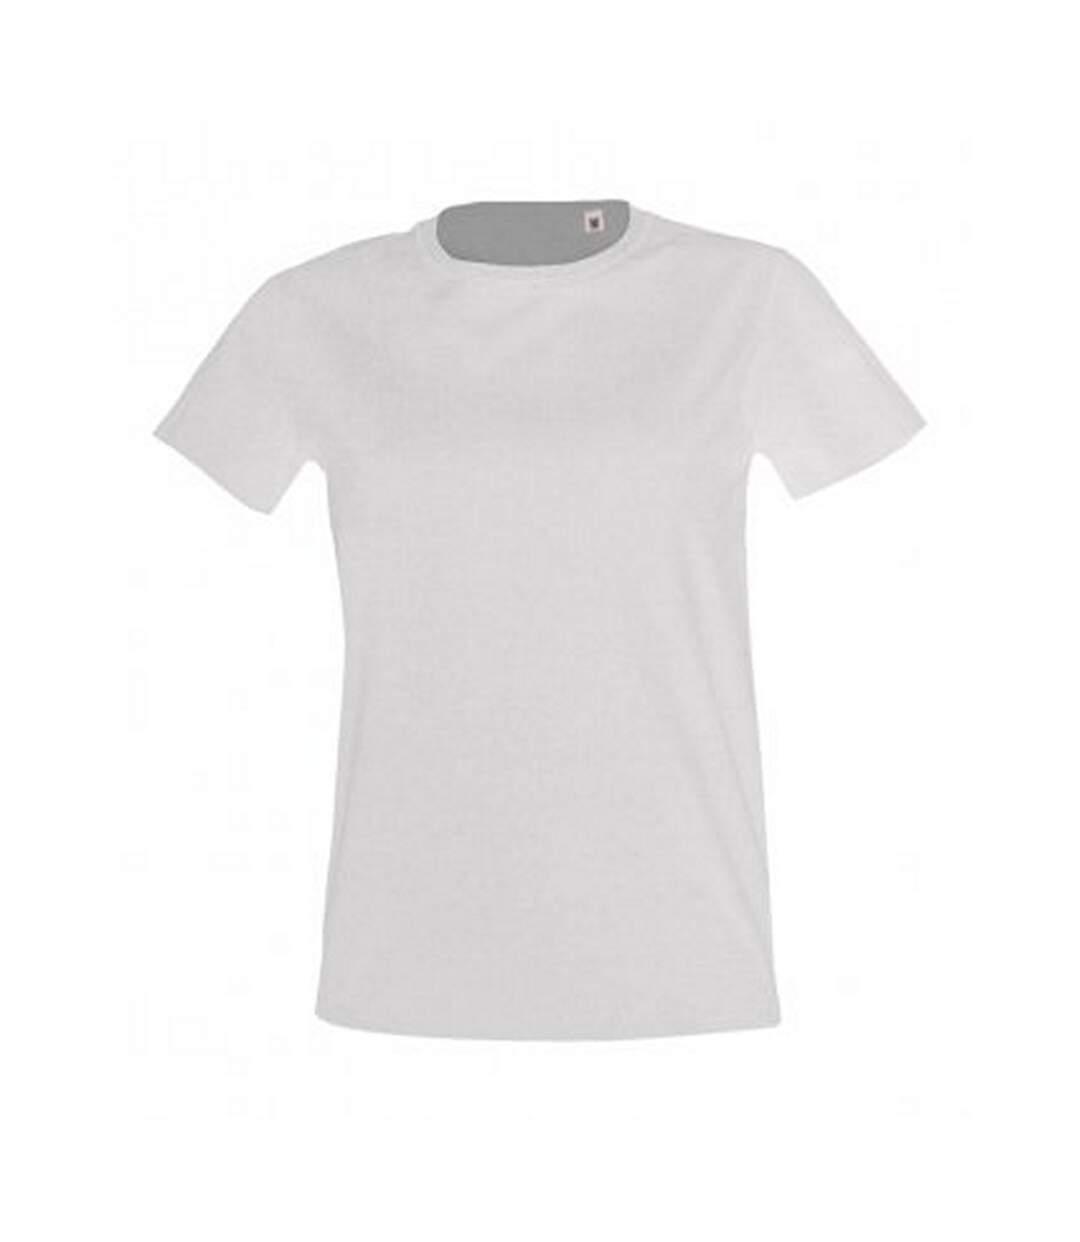 Sols - T-Shirt Imperial - Femme (Blanc) - UTPC2907